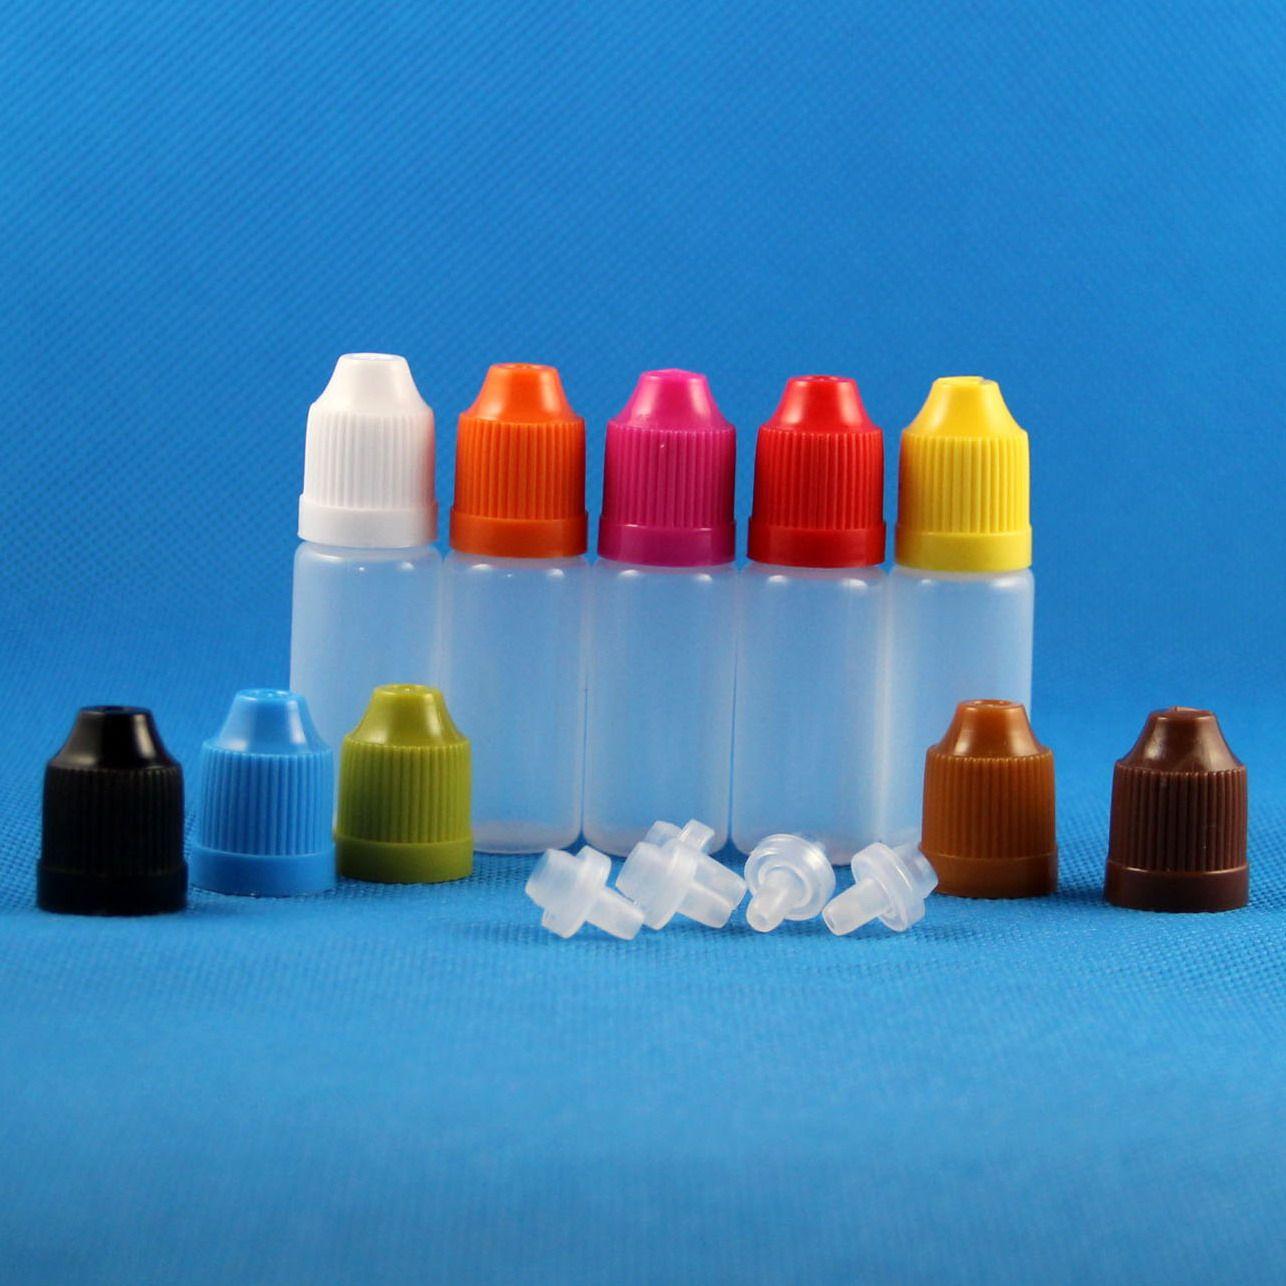 100 компл. 10 мл 1/3 унции пластиковые бутылки капельницы с ребенком доказательство крышки LDPE жидкости е сигареты пара сок масло 10 мл